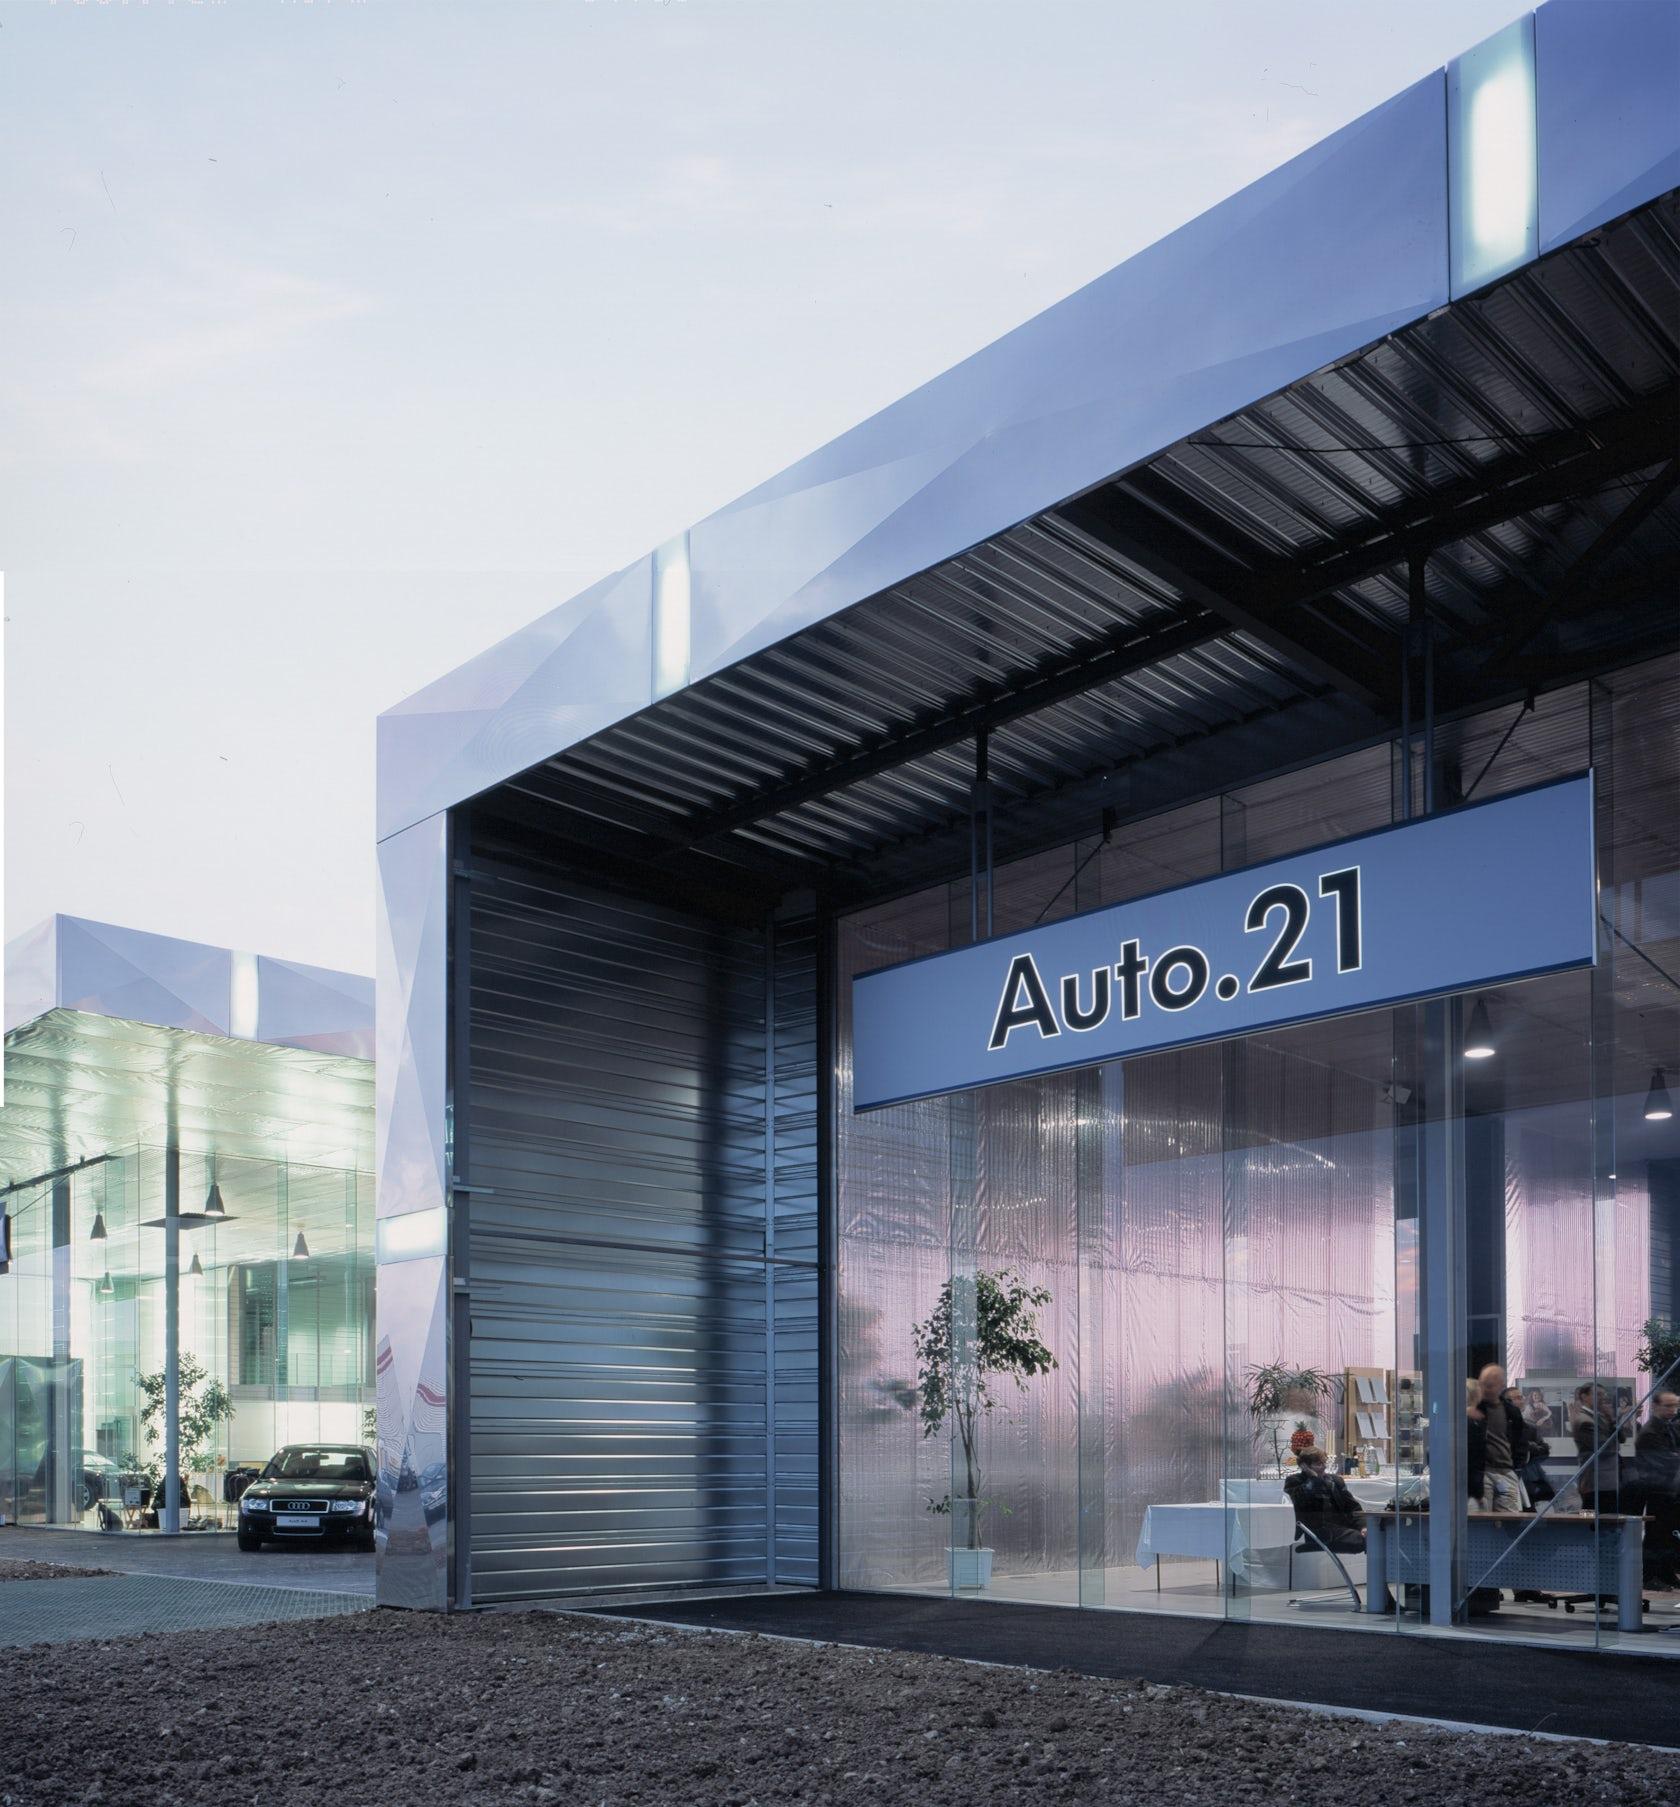 Audi Car Dealer BFT Architectes